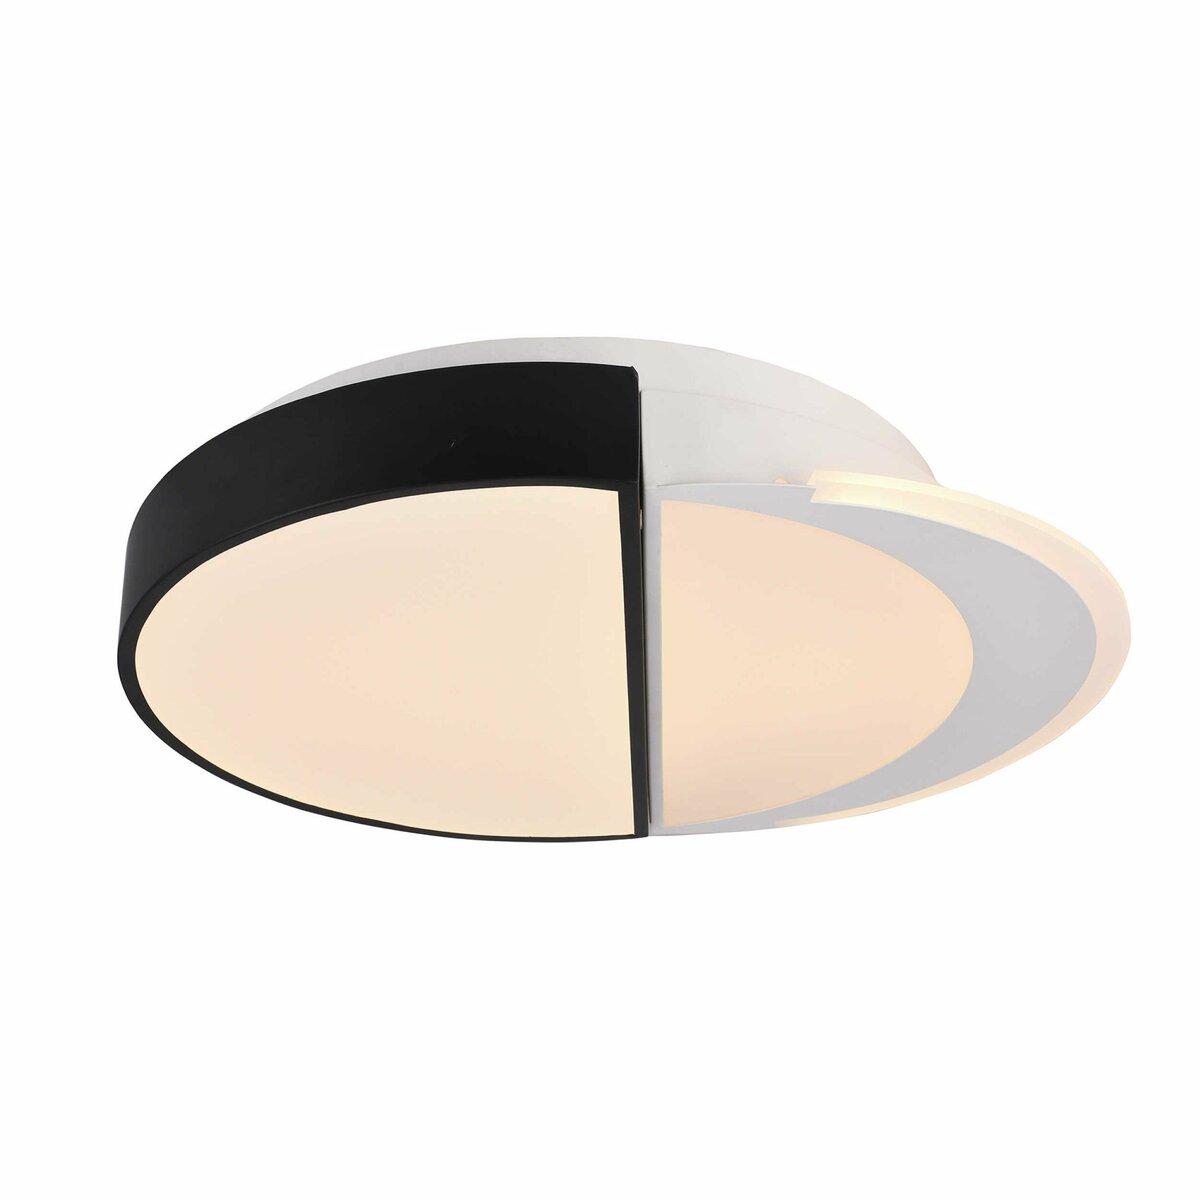 Bild 1 von DesignLive LED-Deckenleuchte   EMBASSY